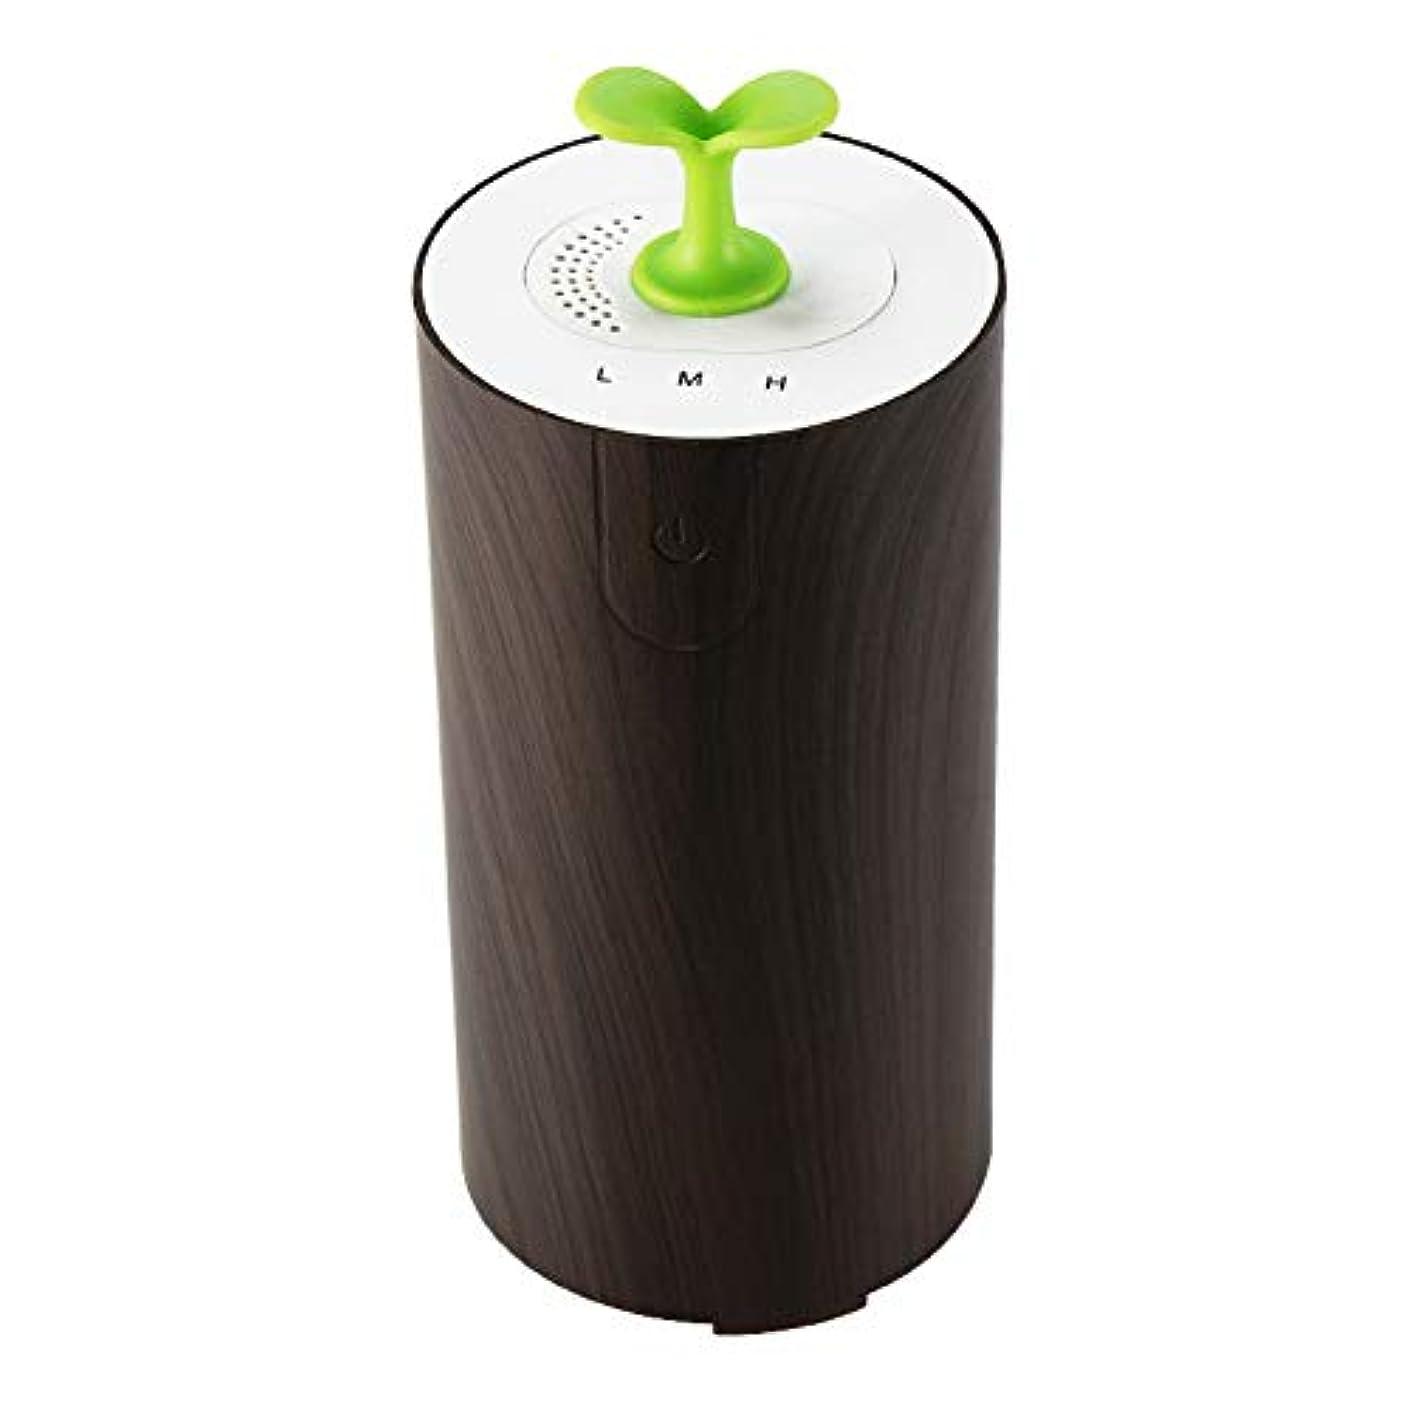 ハードウェア防水腹痛車のアロマテラピーマシン清浄機、エッセンシャルオイルディフューザー多機能USBアロマ加湿器、水なし低燃費,Deepwoodgrain